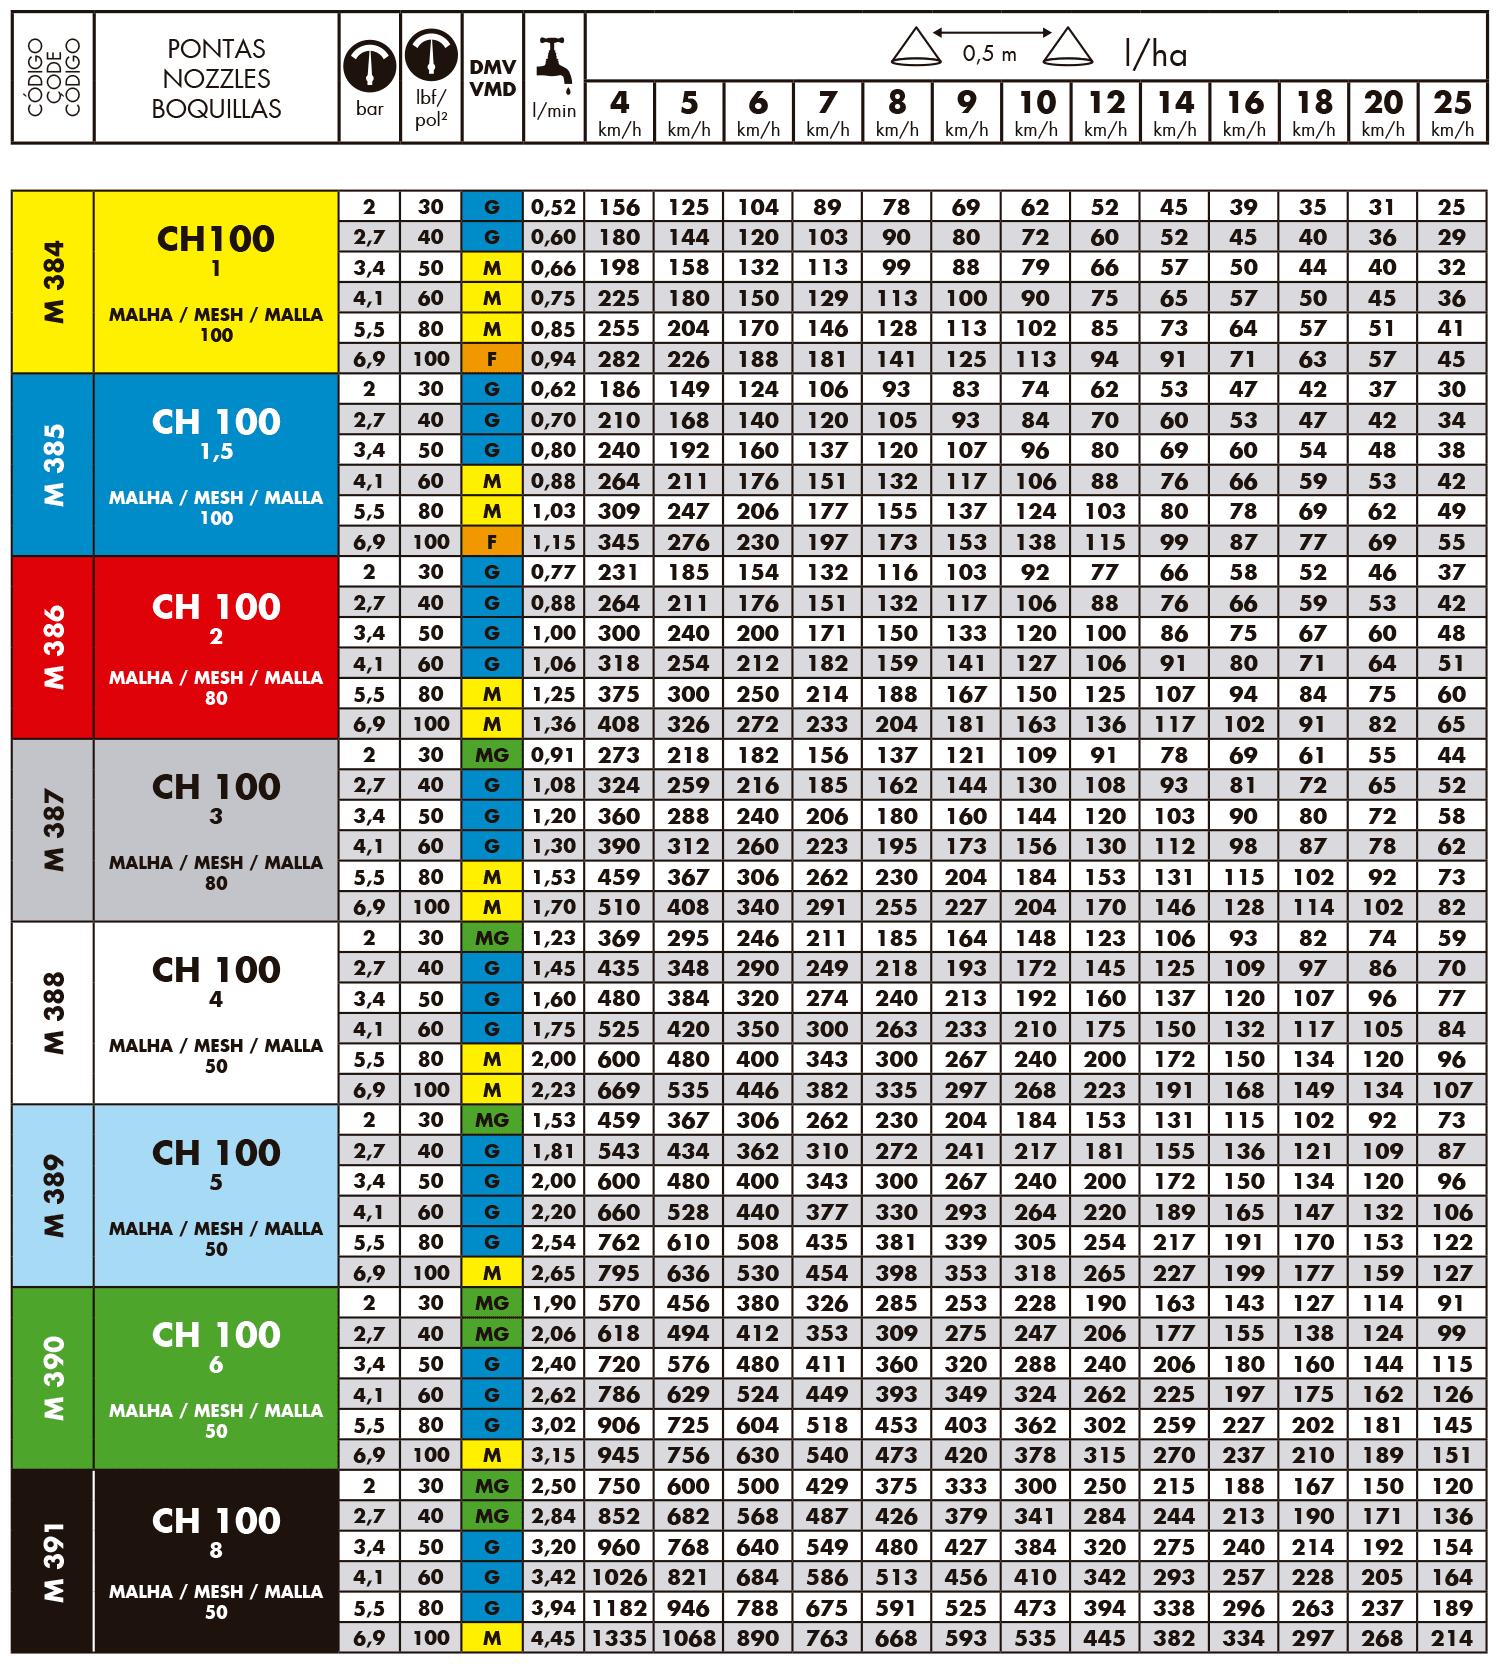 Tabela de vazões